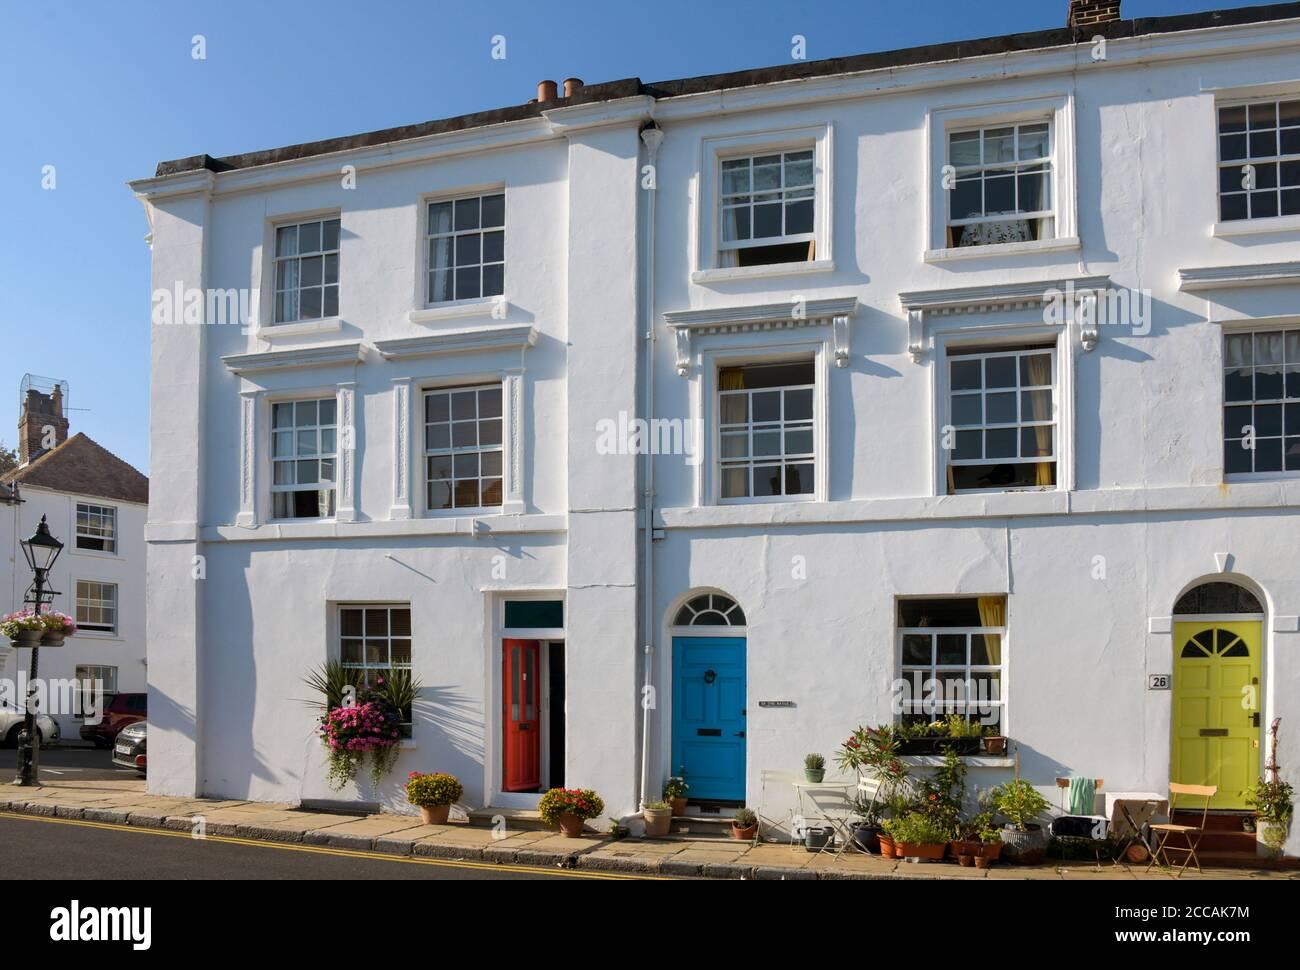 Bâtiment élégant Bayle Folkestone Kent Angleterre Banque D'Images